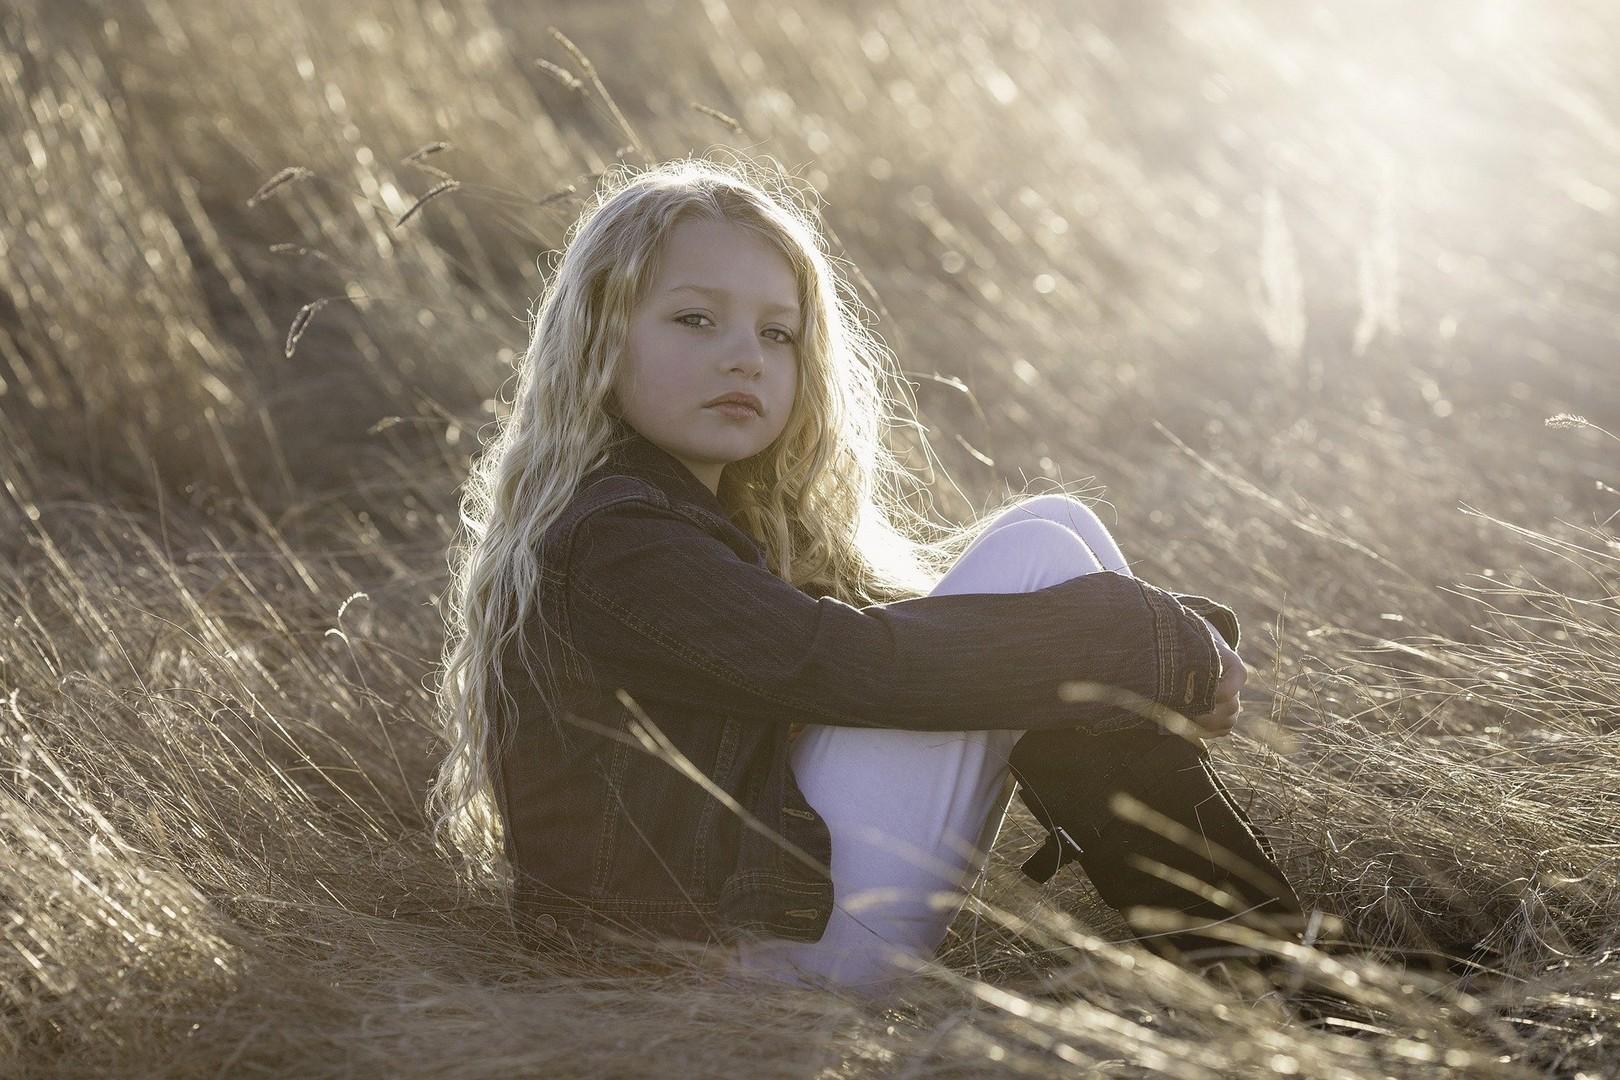 Смена фамилии ребенка после развода без согласия отца: инструкция по осуществлению